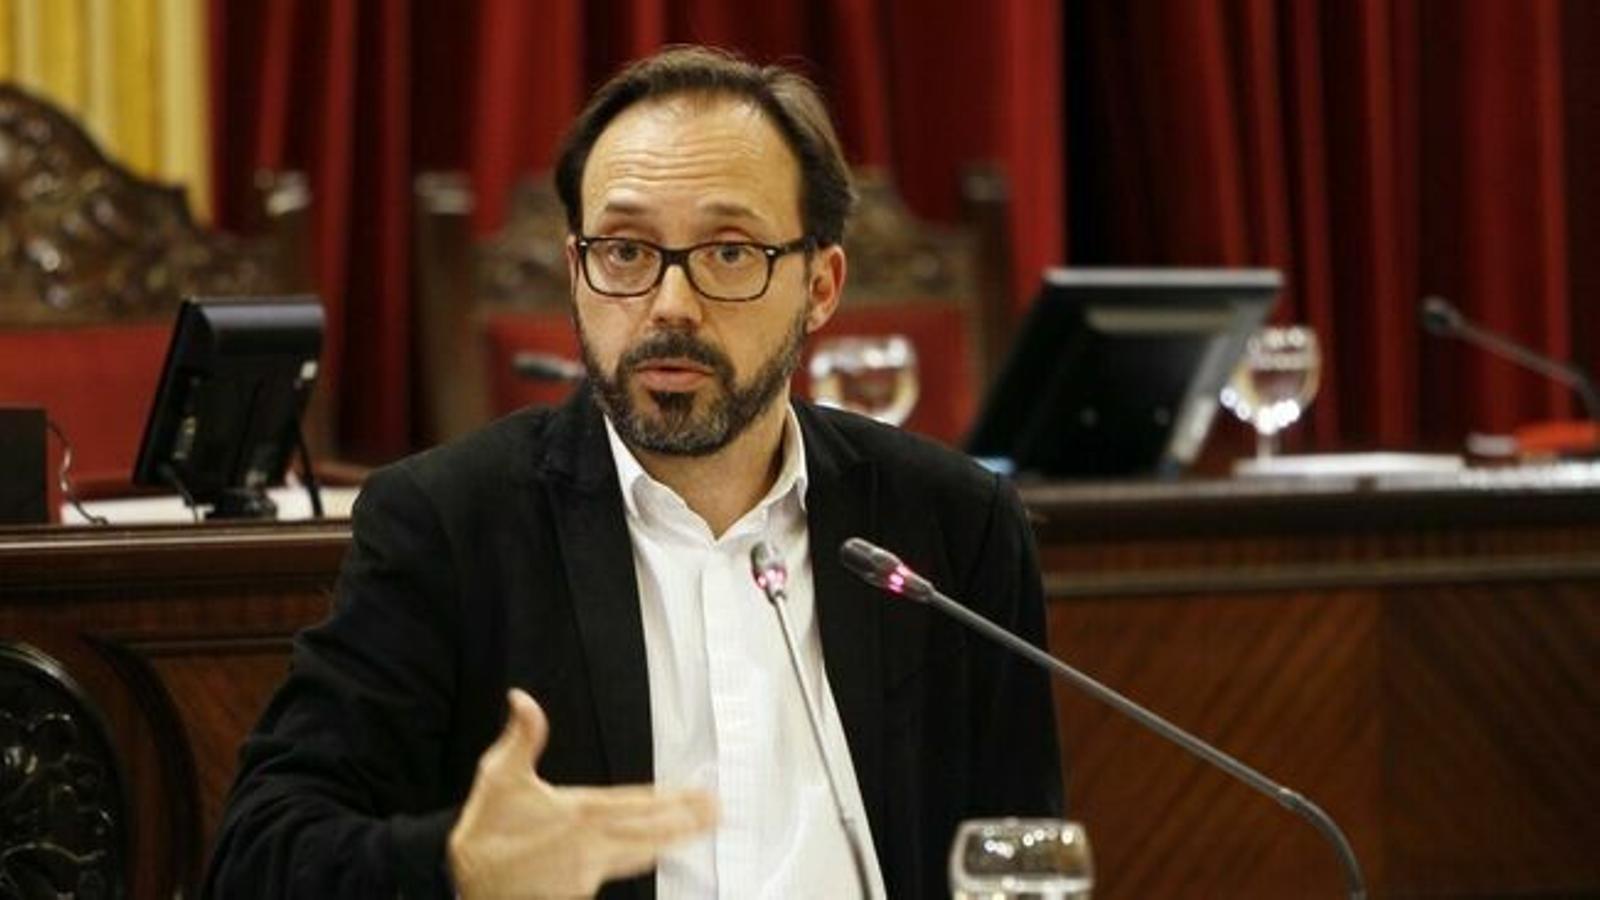 Josep Castells recorda la importància del servei per als menorquins i demana explicacions a la consellera Gómez.